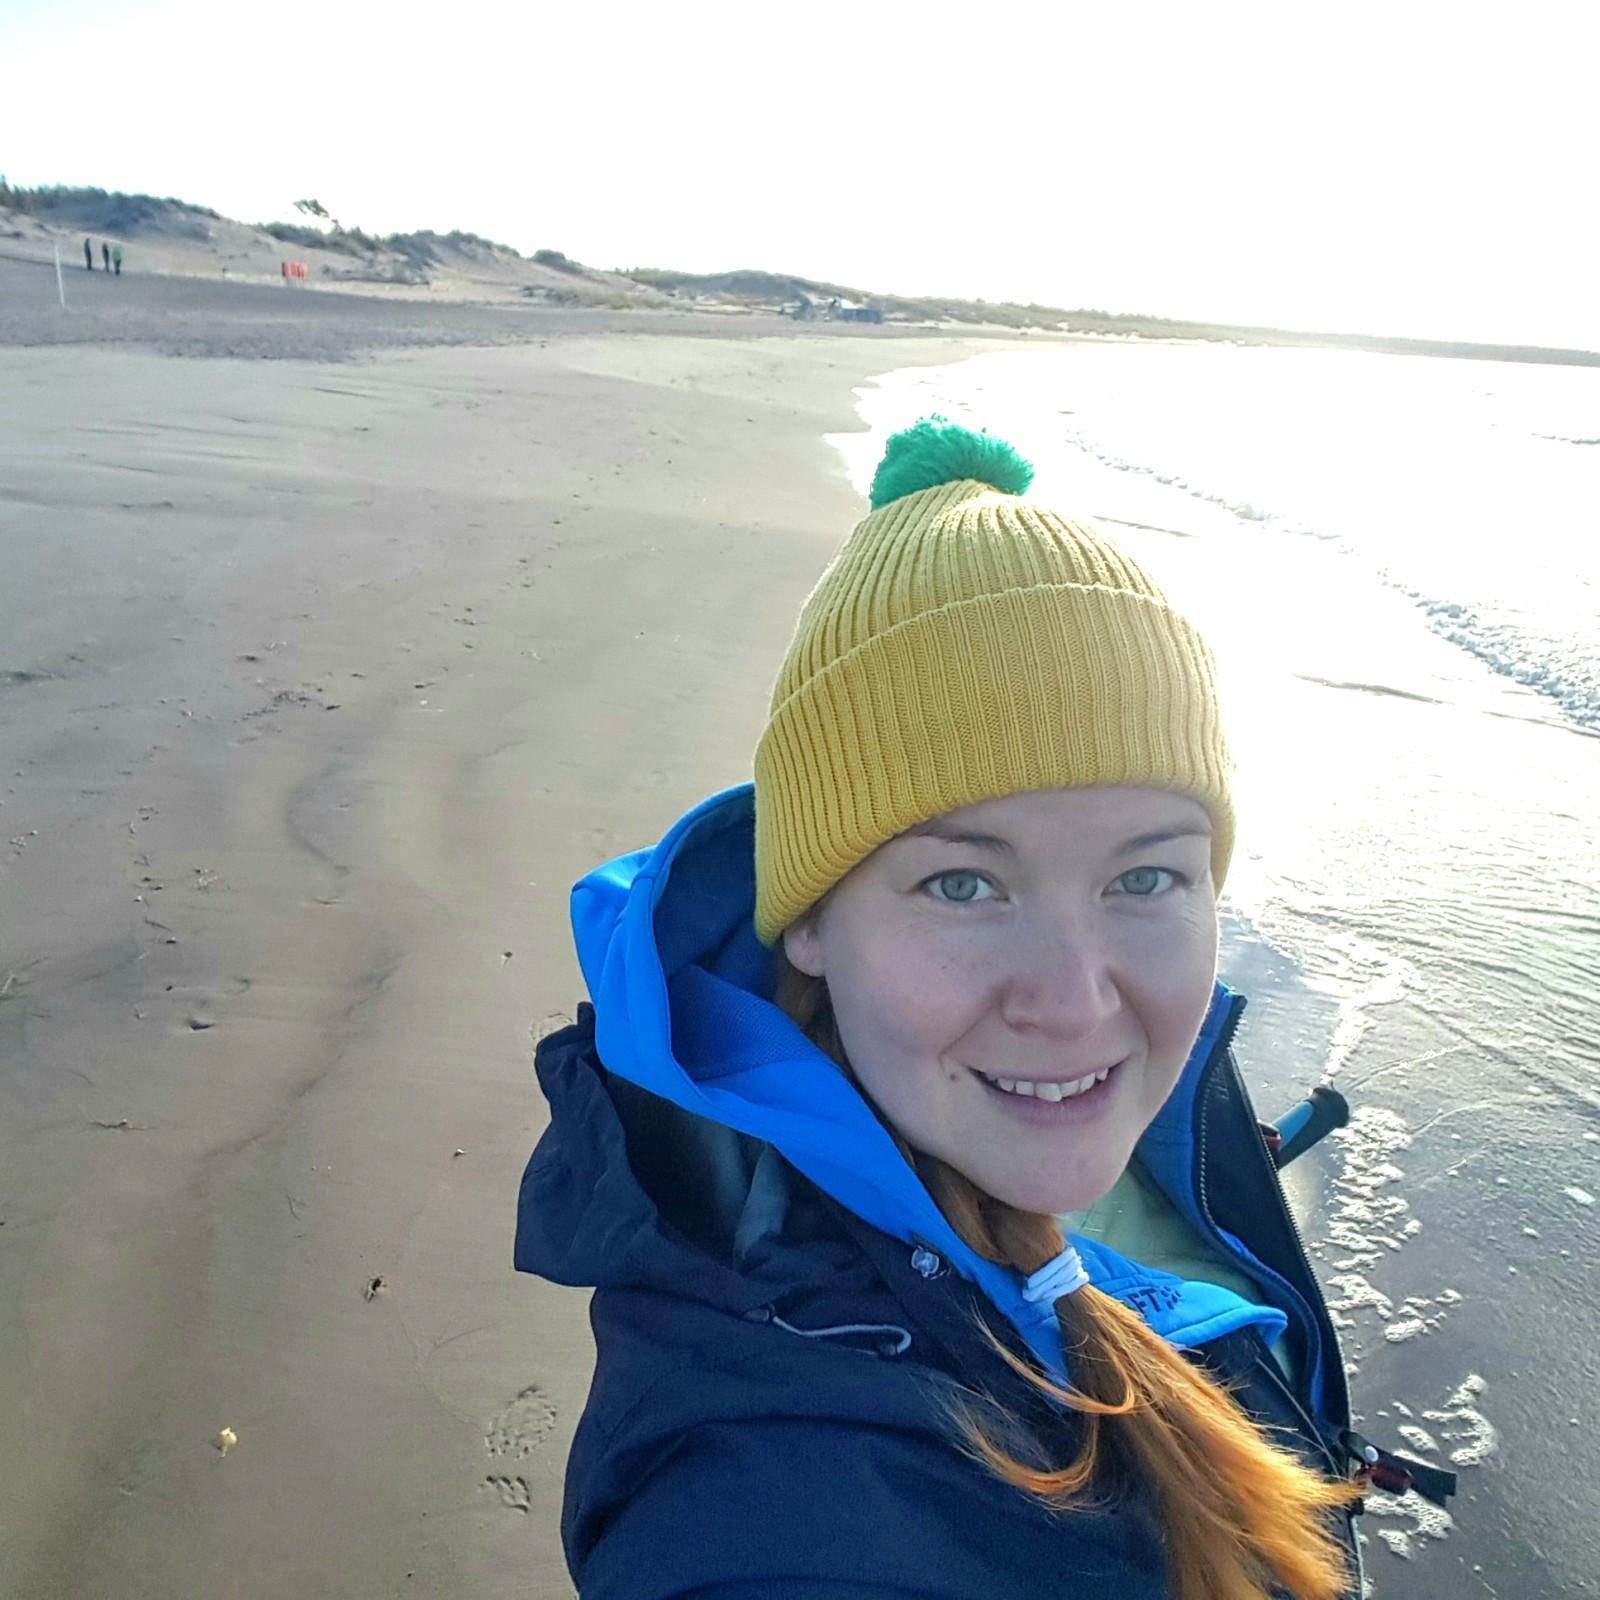 Yyterin kylpylähotellin lomaohjaaja Noora syksyisellä aurinkoisella hiekkarannalla.